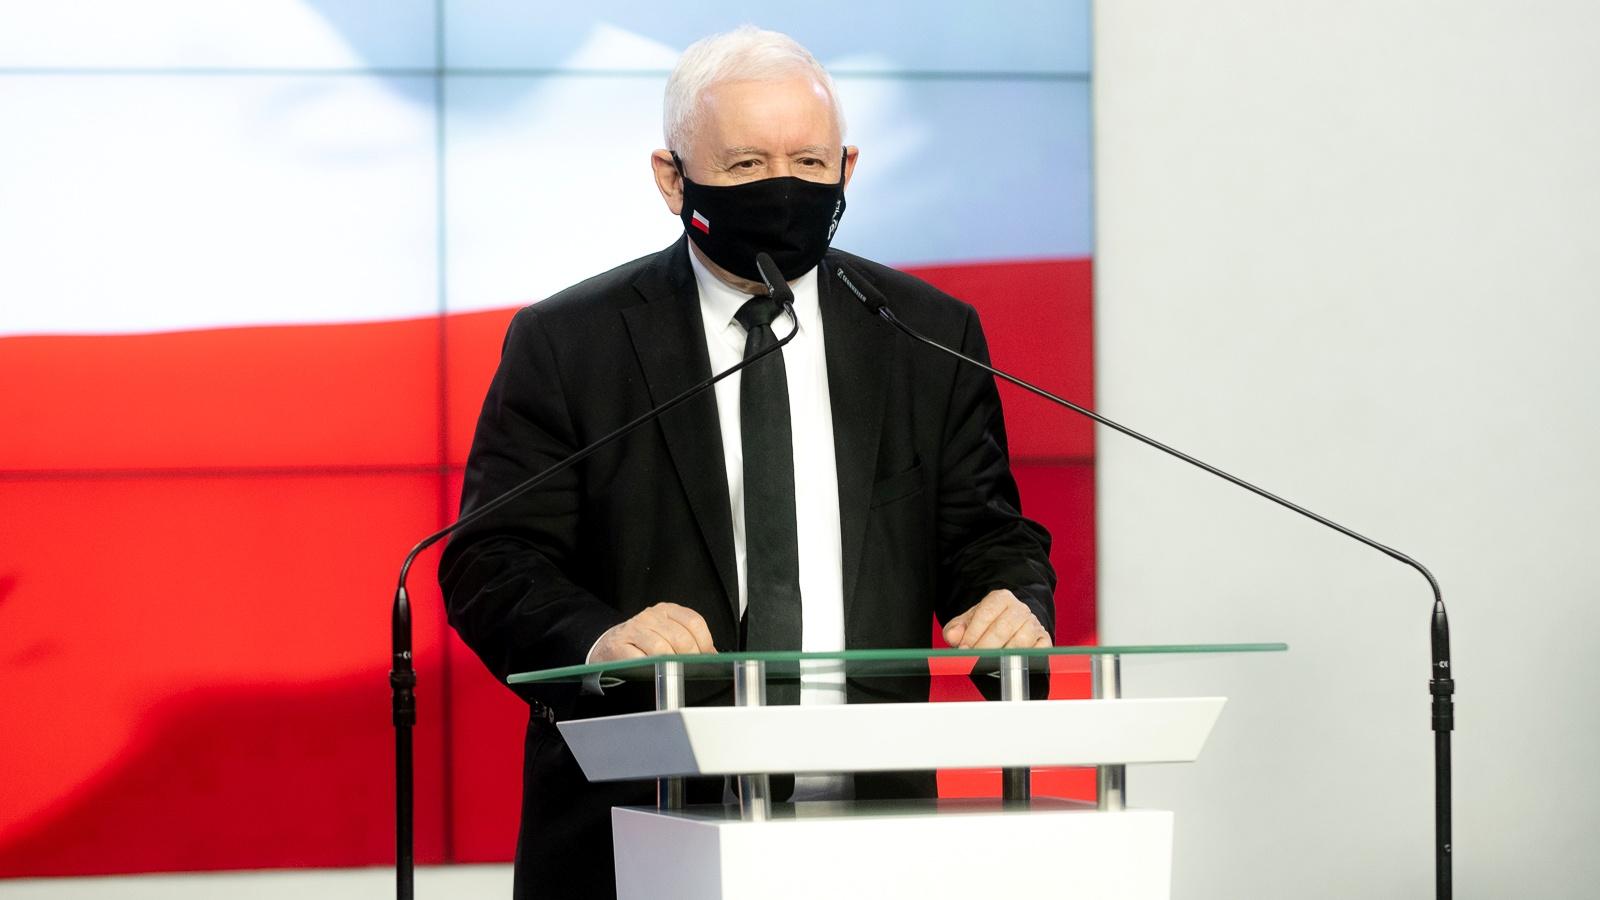 Marszałek Mazowsza porównał Kaczyńskiego do Hitlera. Teraz musi go przeprosić